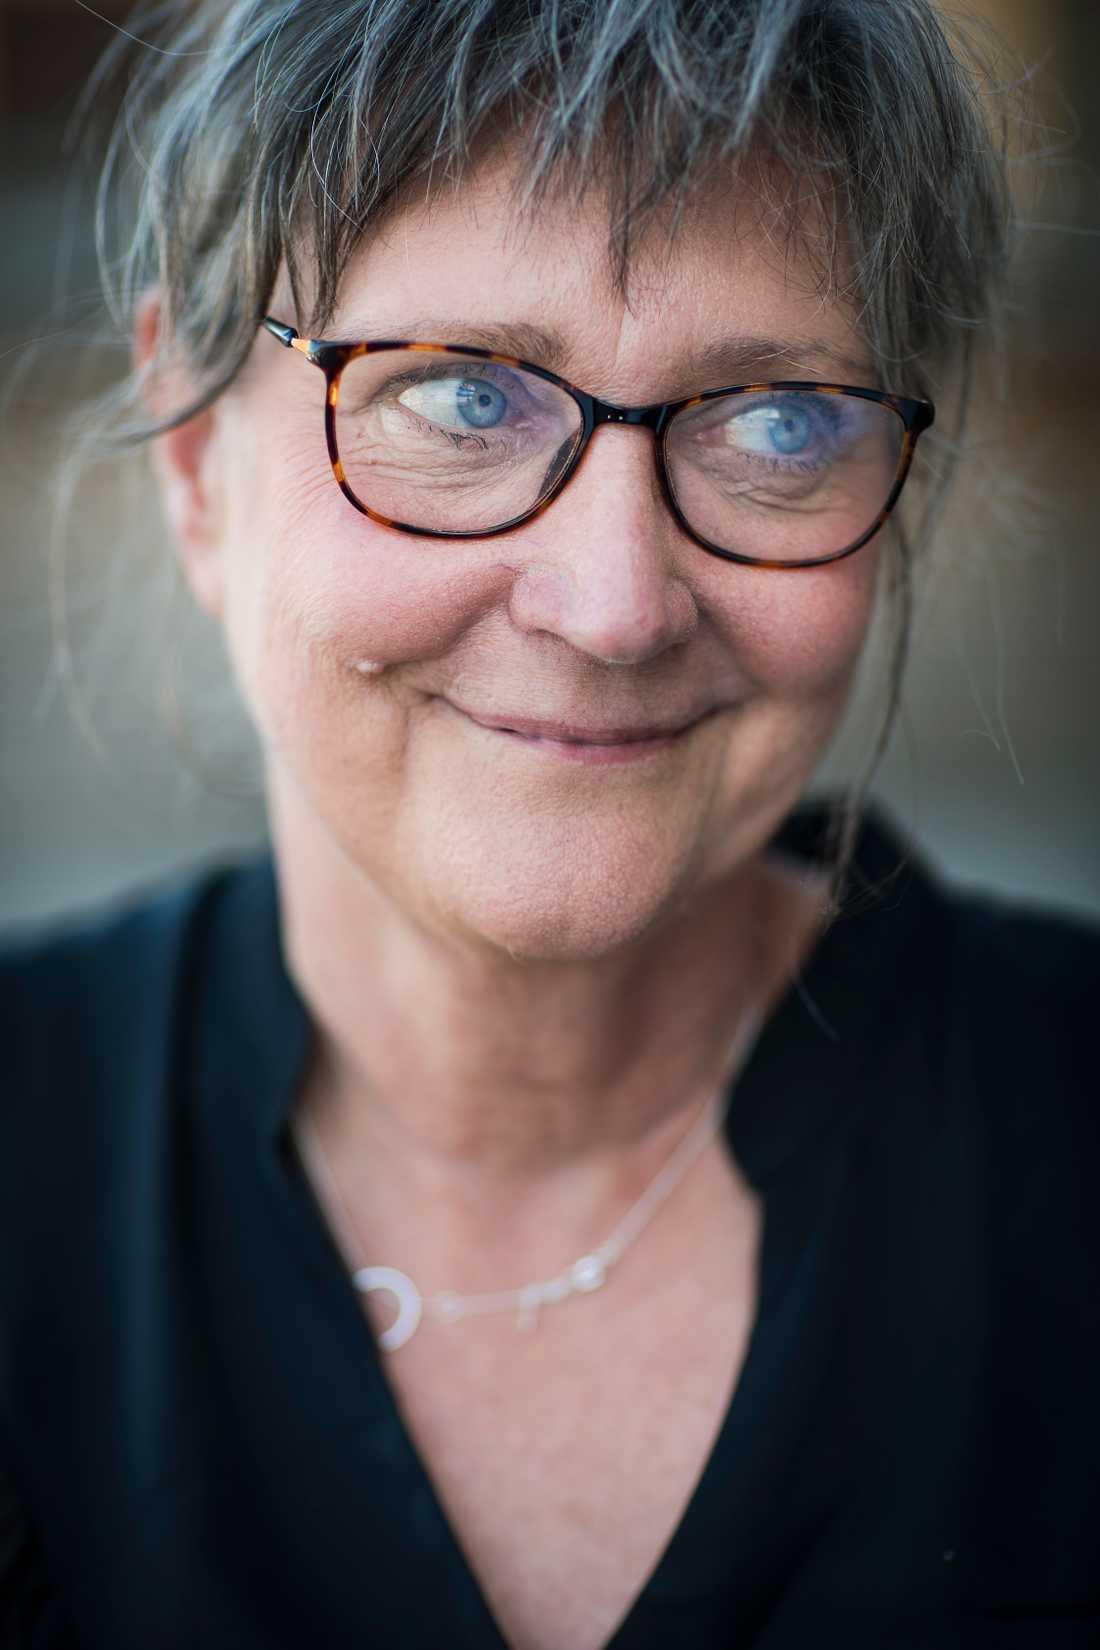 """Birgitta Aupeix, 63, legitimerad psykolog och sjuksköterska och mamma till Amandine, har skrivit den självbiografiska boken """"Hur i helvete kunde det bli så här? - om en okänd sjukdom och svensk psykiatri""""."""